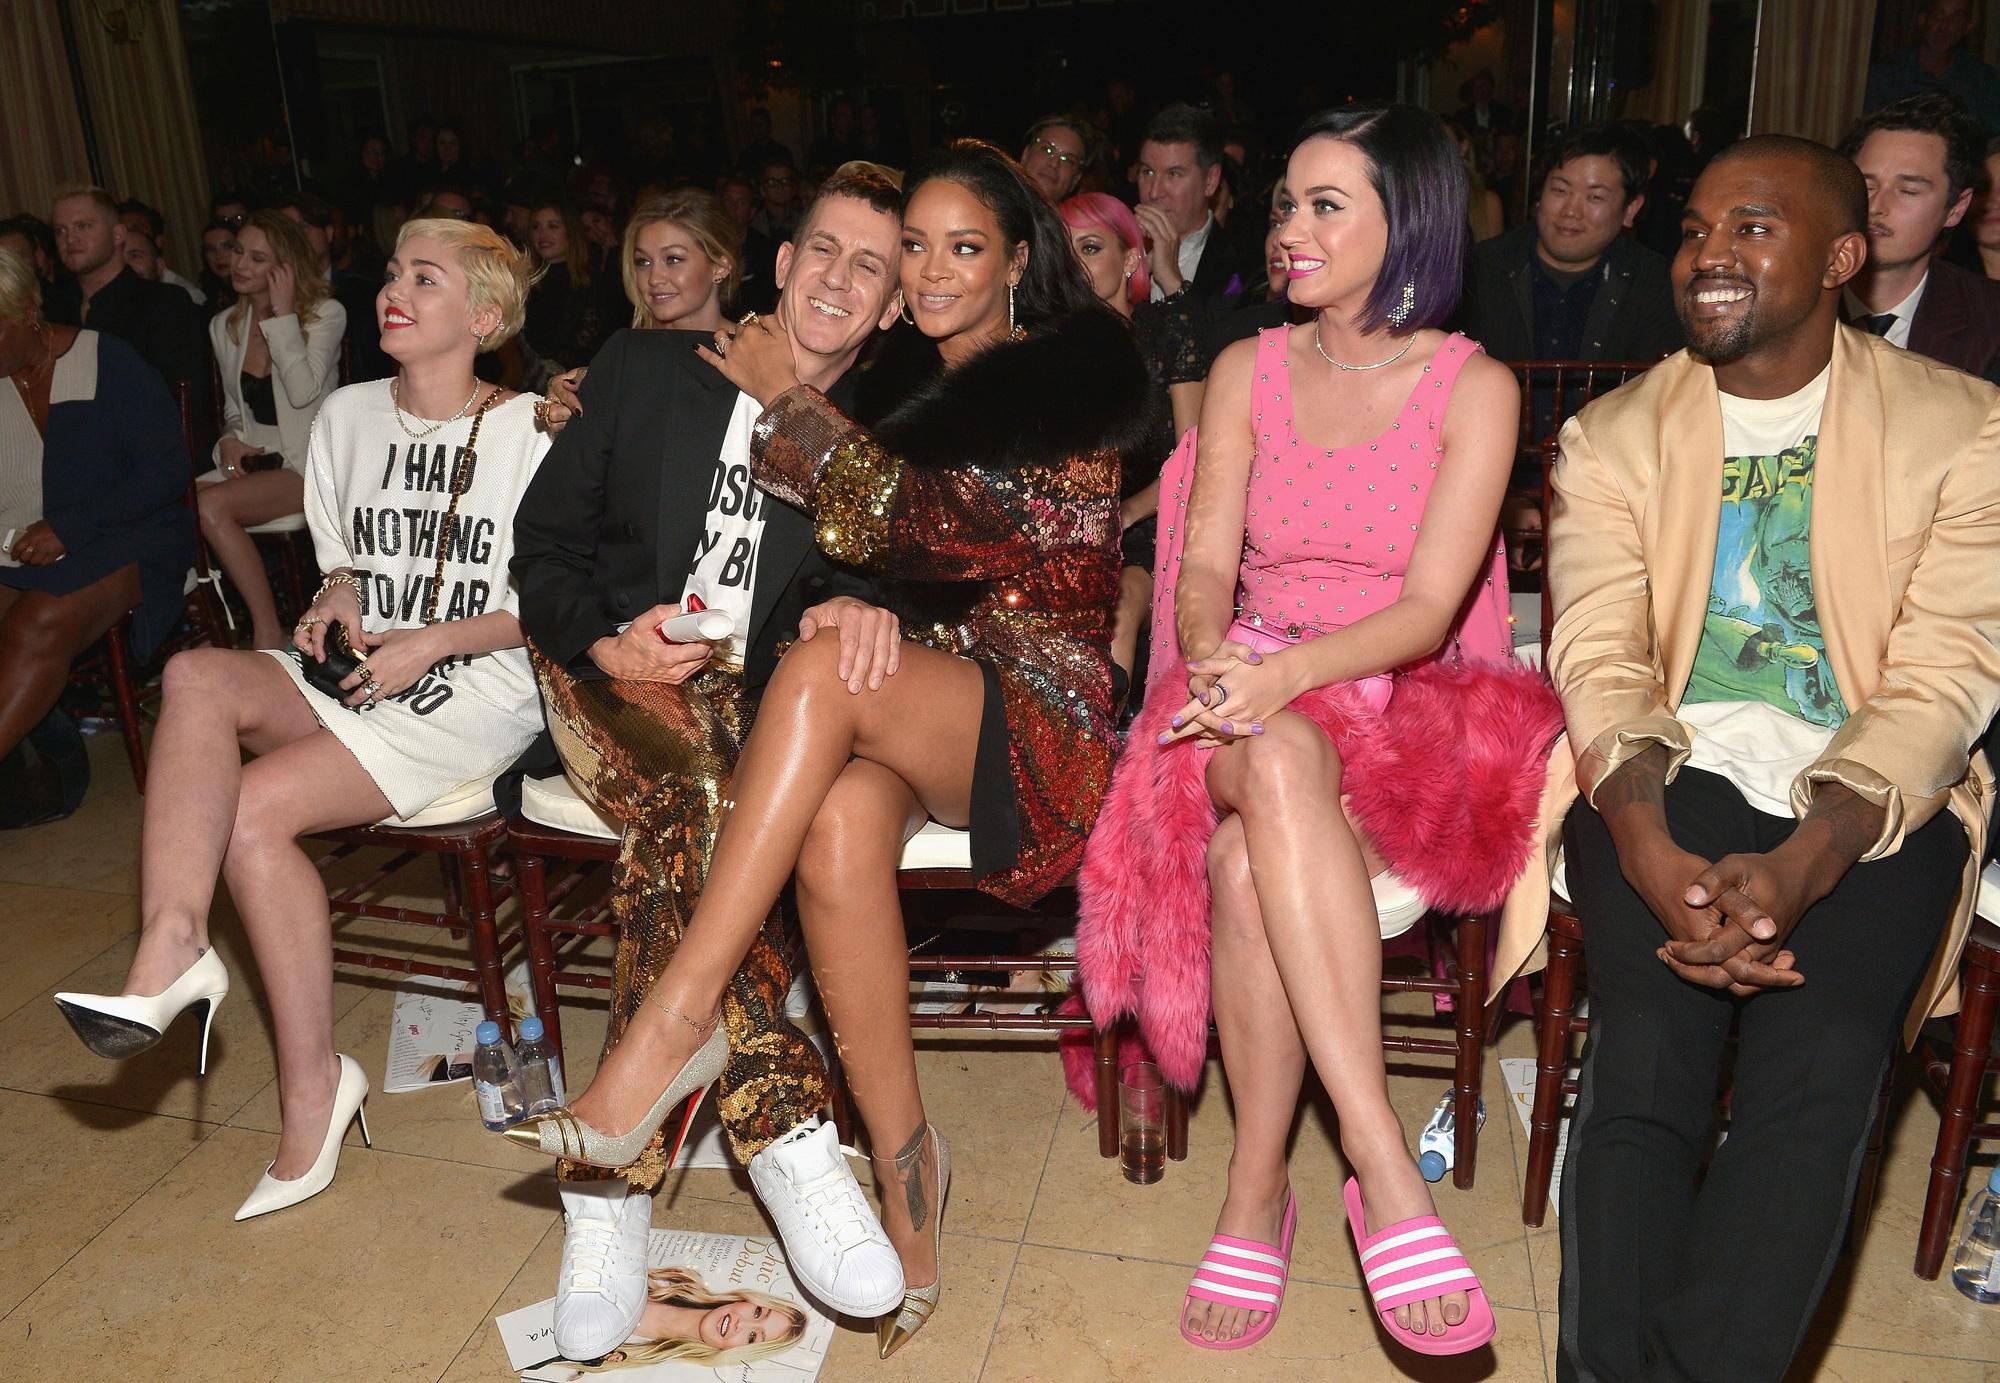 Khung hình quyền lực quy tụ toàn nhân vật máu mặt: Tỷ phú Rihanna và Kanye West chễm chệ, nhìn dàn sao ngồi cạnh mà choáng - Ảnh 2.